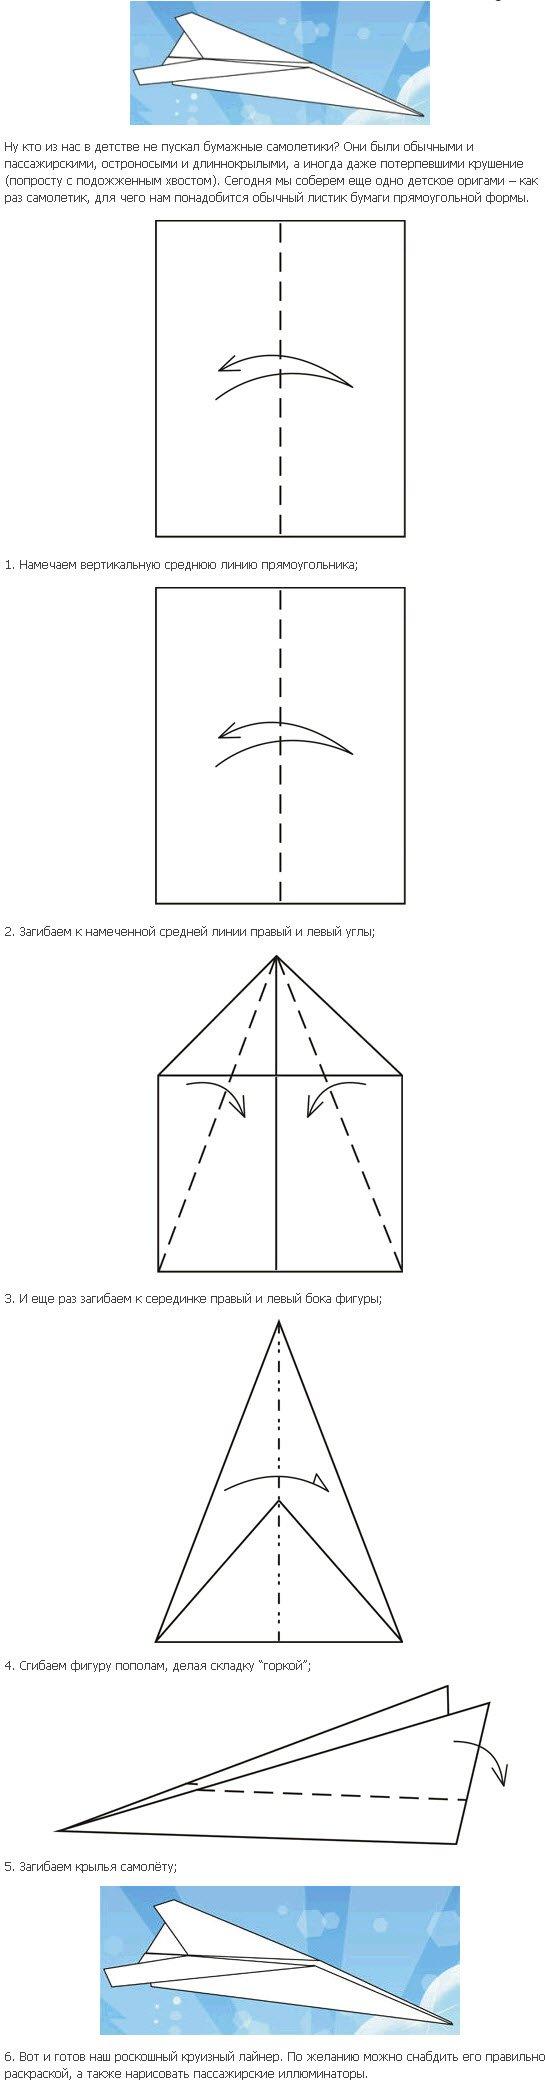 Инструкция как сделать самолеты из бумаги